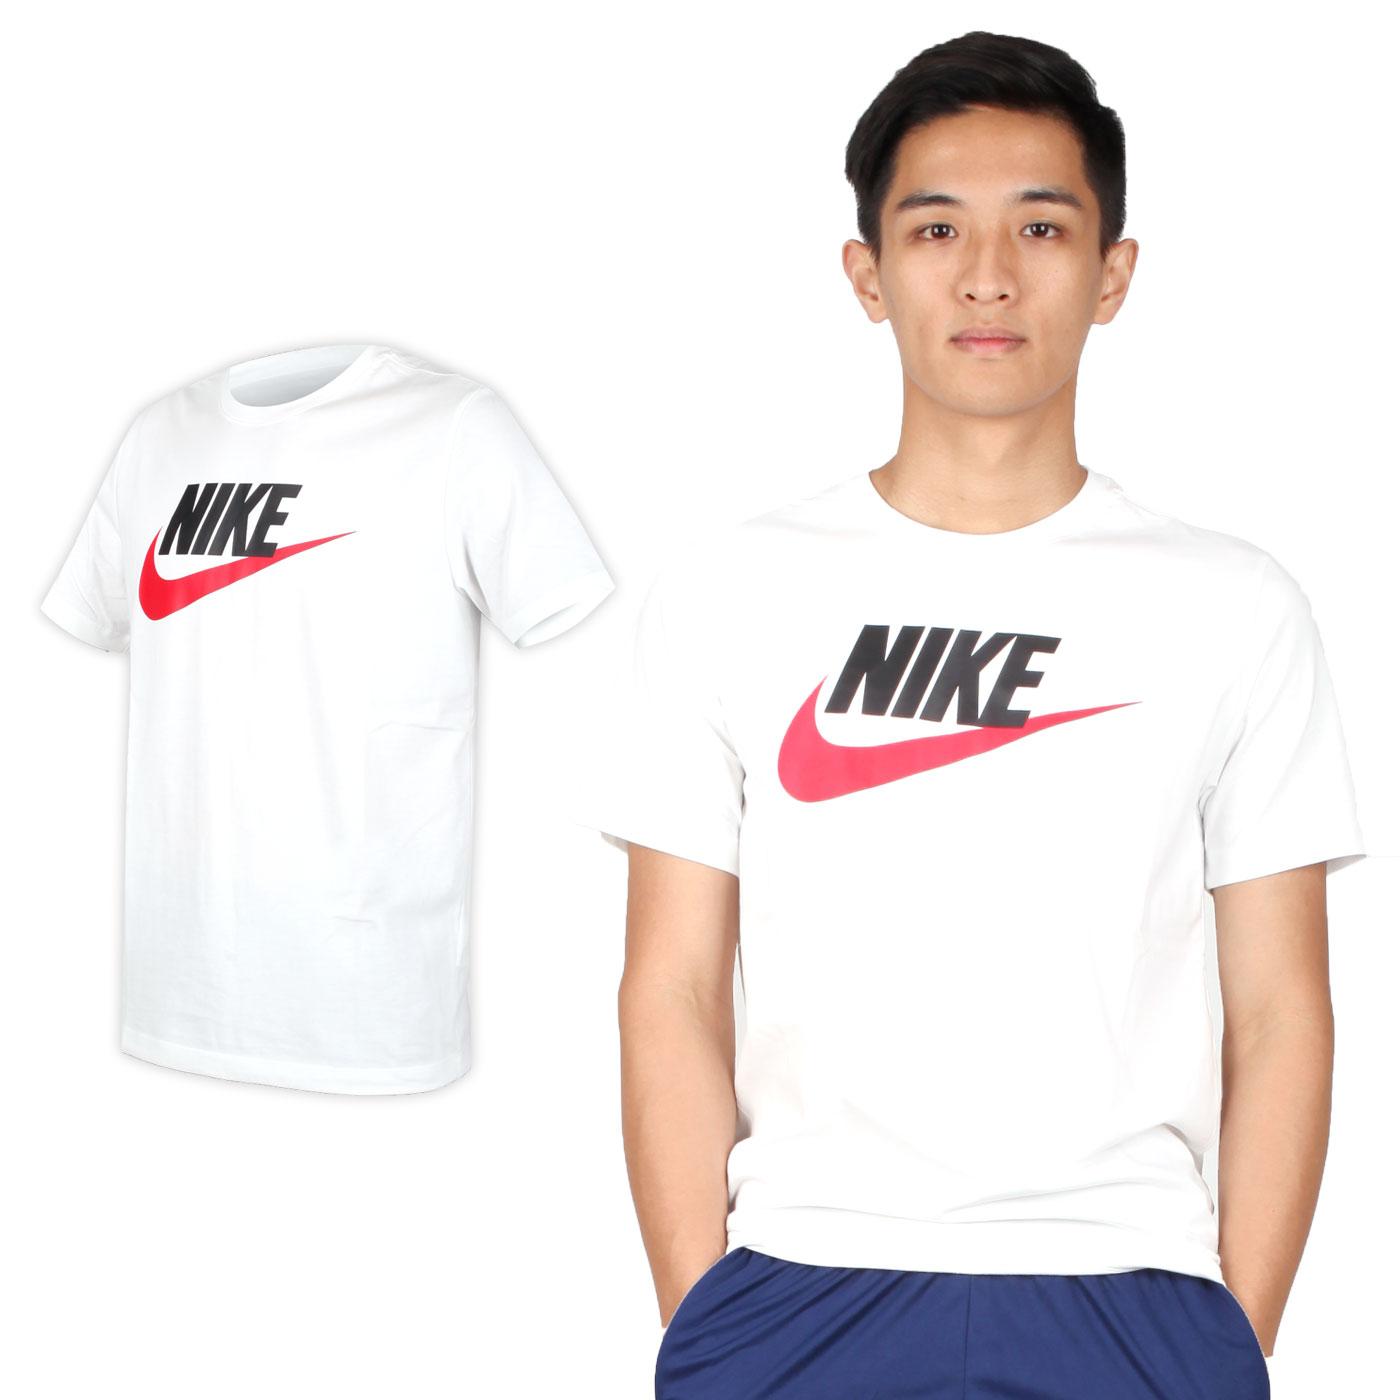 NIKE 男款短袖T恤 AR5005010 - 白黑紅